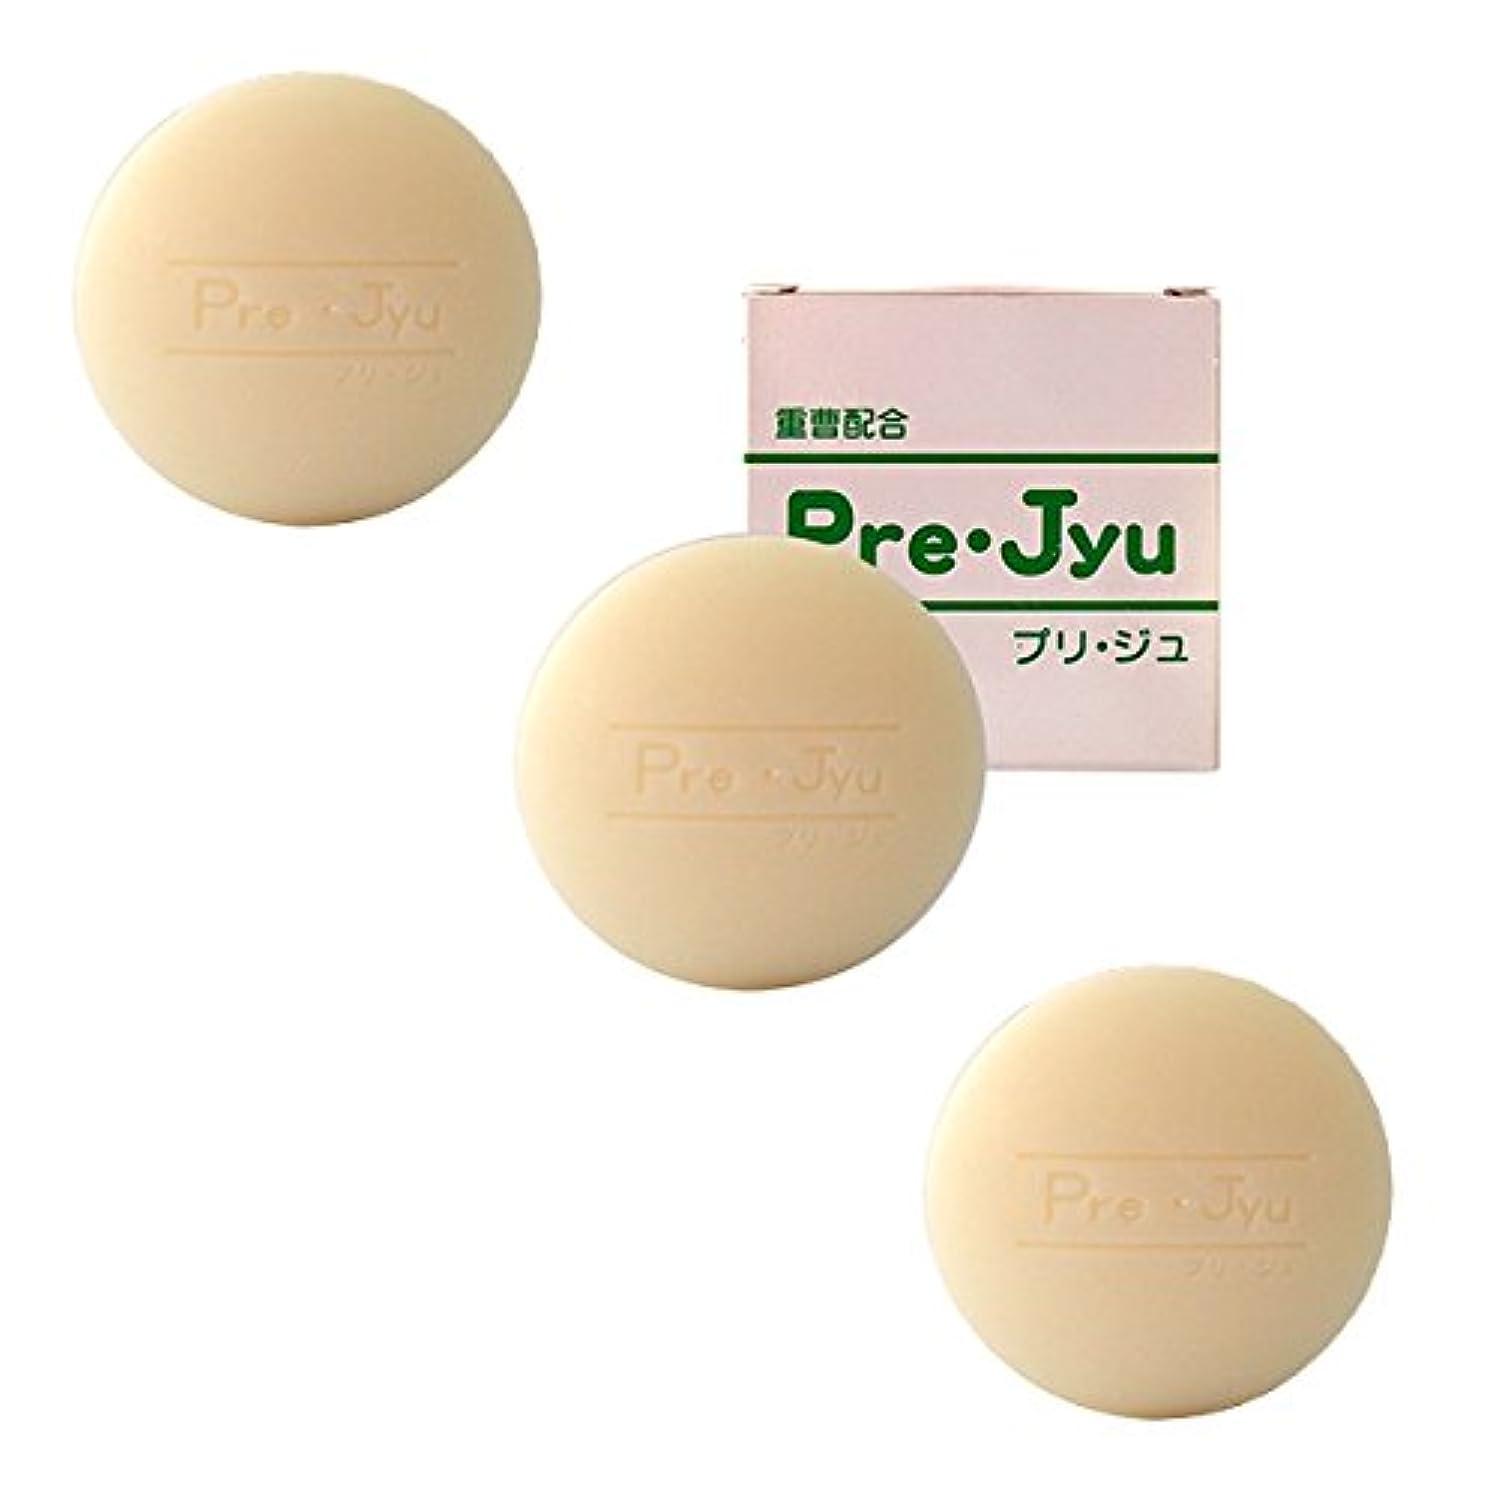 トリプルリベラル影響力のある一心産業 プリ?ジュ石鹸(重曹石けん) × 3個セット